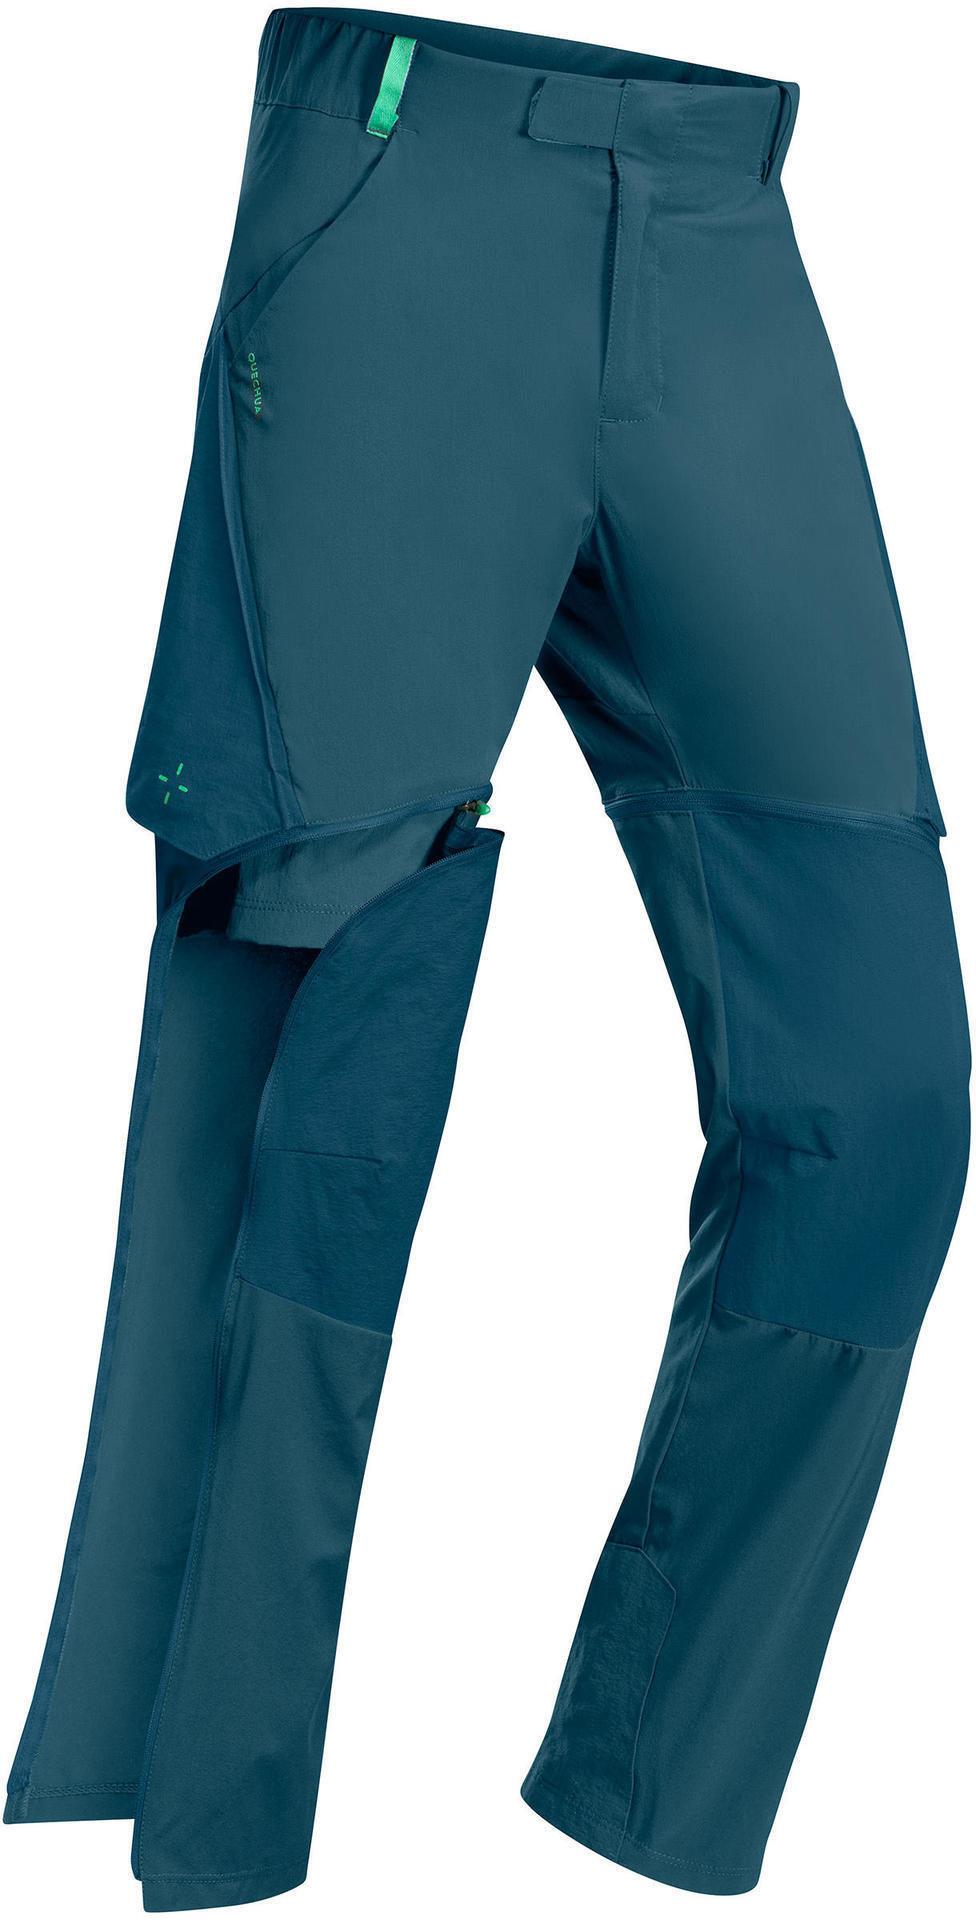 Spodnie turystyczne dla dzieci Quechua MH550 2w1 - 7-15 lat